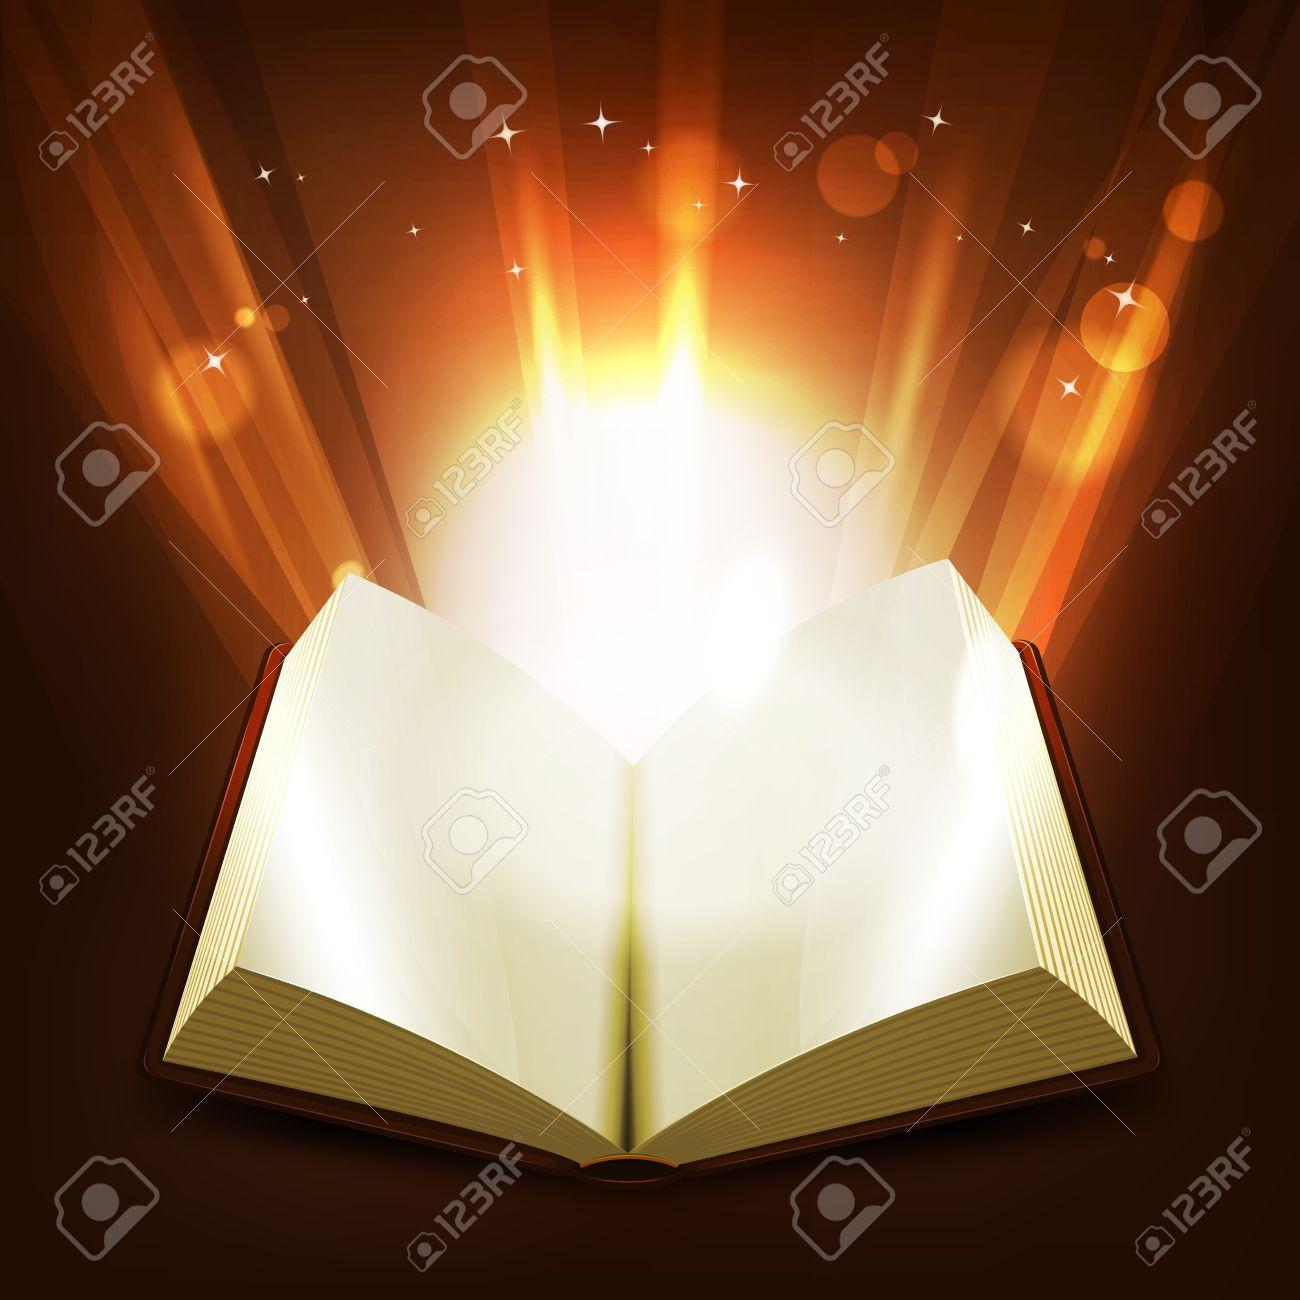 Illustration D Un Livre Ouvert Avec Des Rayons Lumineux Eclairant Et Lumineux Brillants Rayons De Lumiere Magiques Qui Renait De Ses Pages